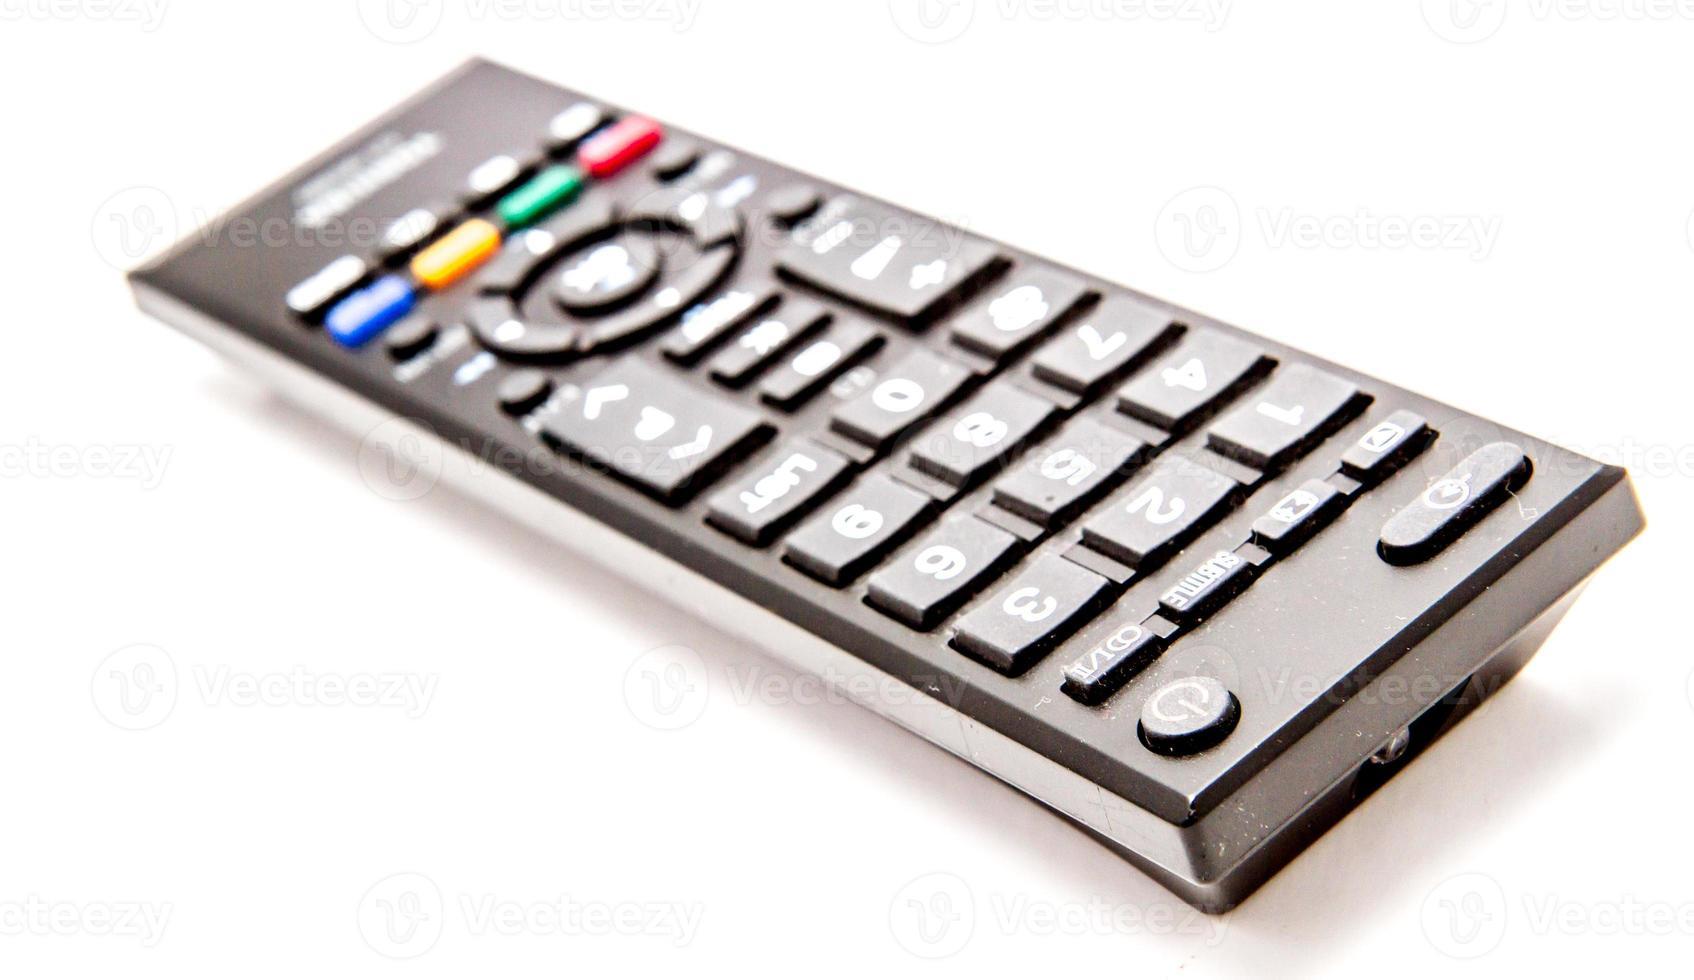 télécommande tv photo